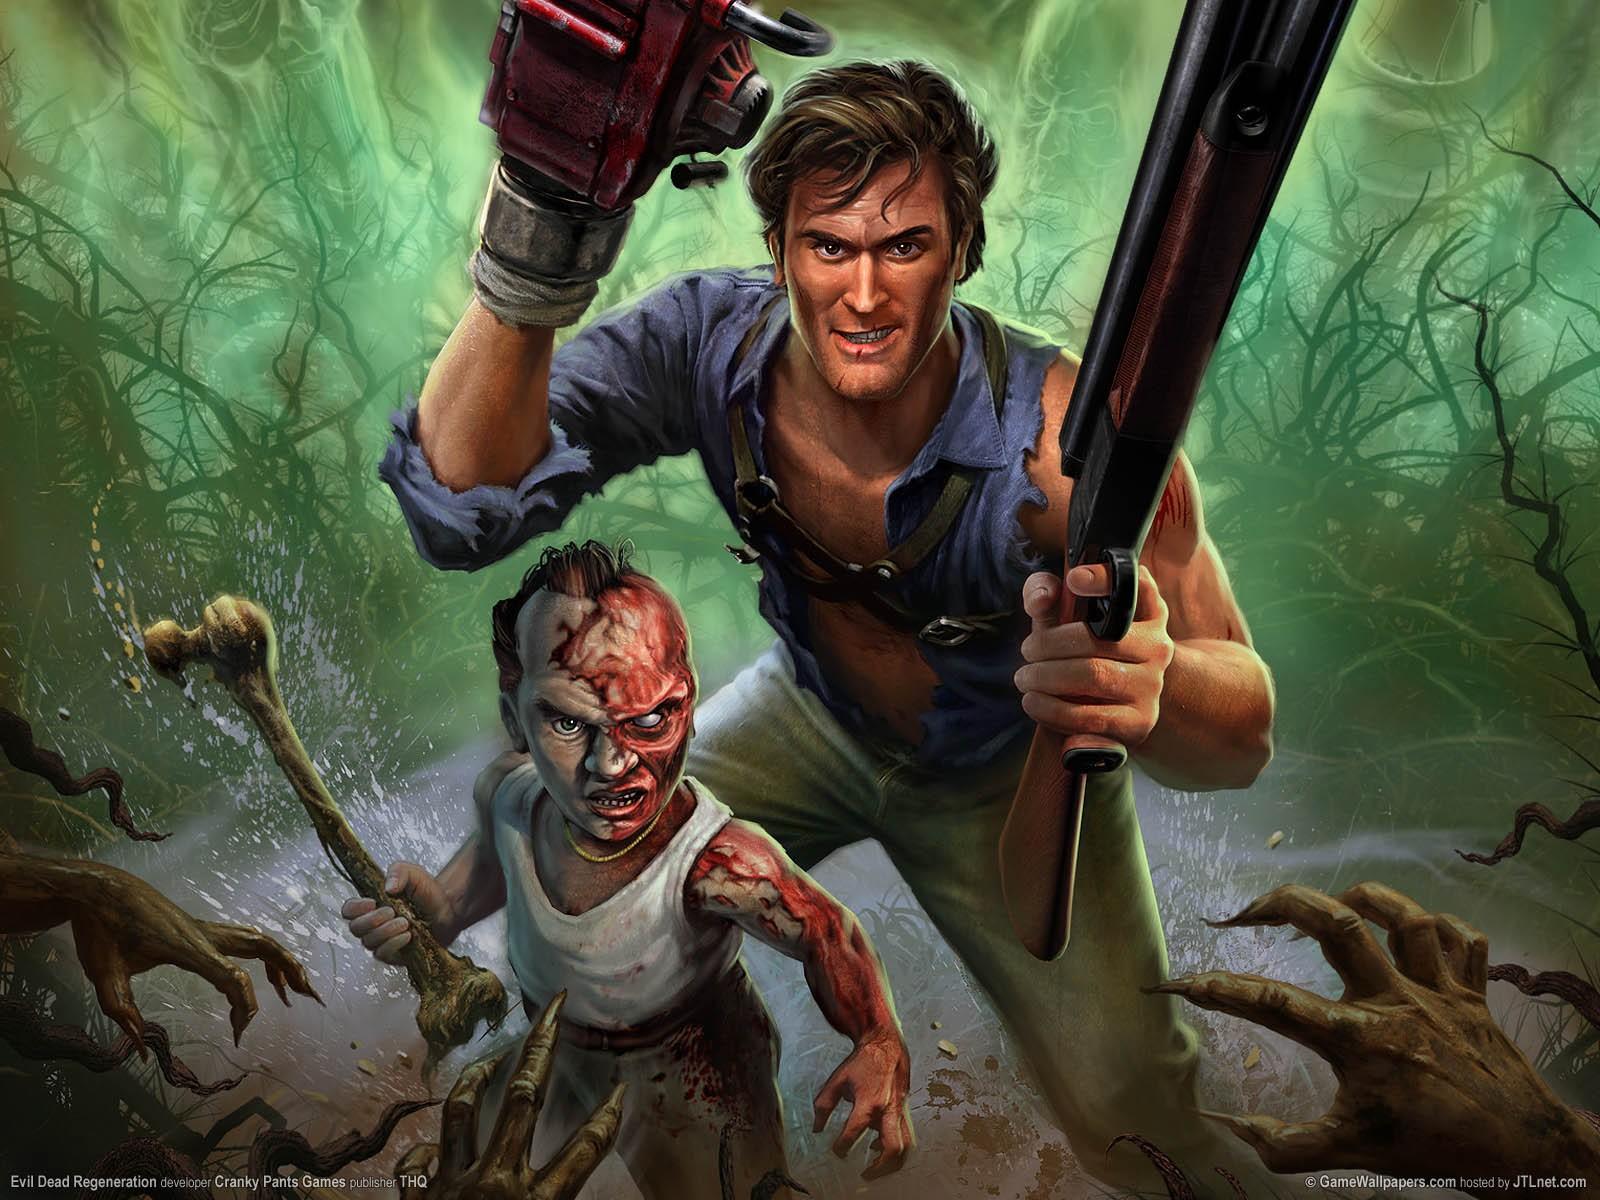 http://1.bp.blogspot.com/_J9PlRvGGXS8/SwszkP1vgPI/AAAAAAAACUs/JY22Nx04jpM/s1600/evil-dead-wallpaper-3.jpg